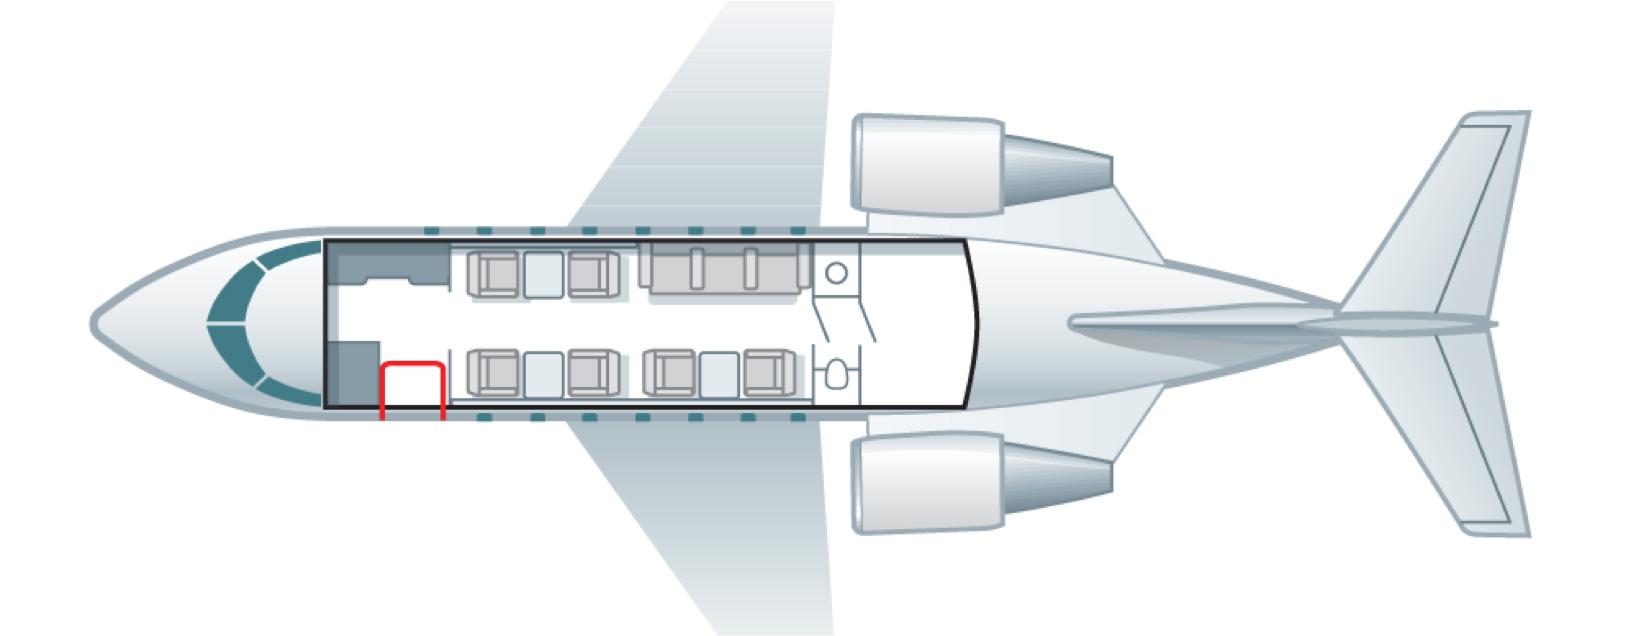 Floor plan of Challenger 605